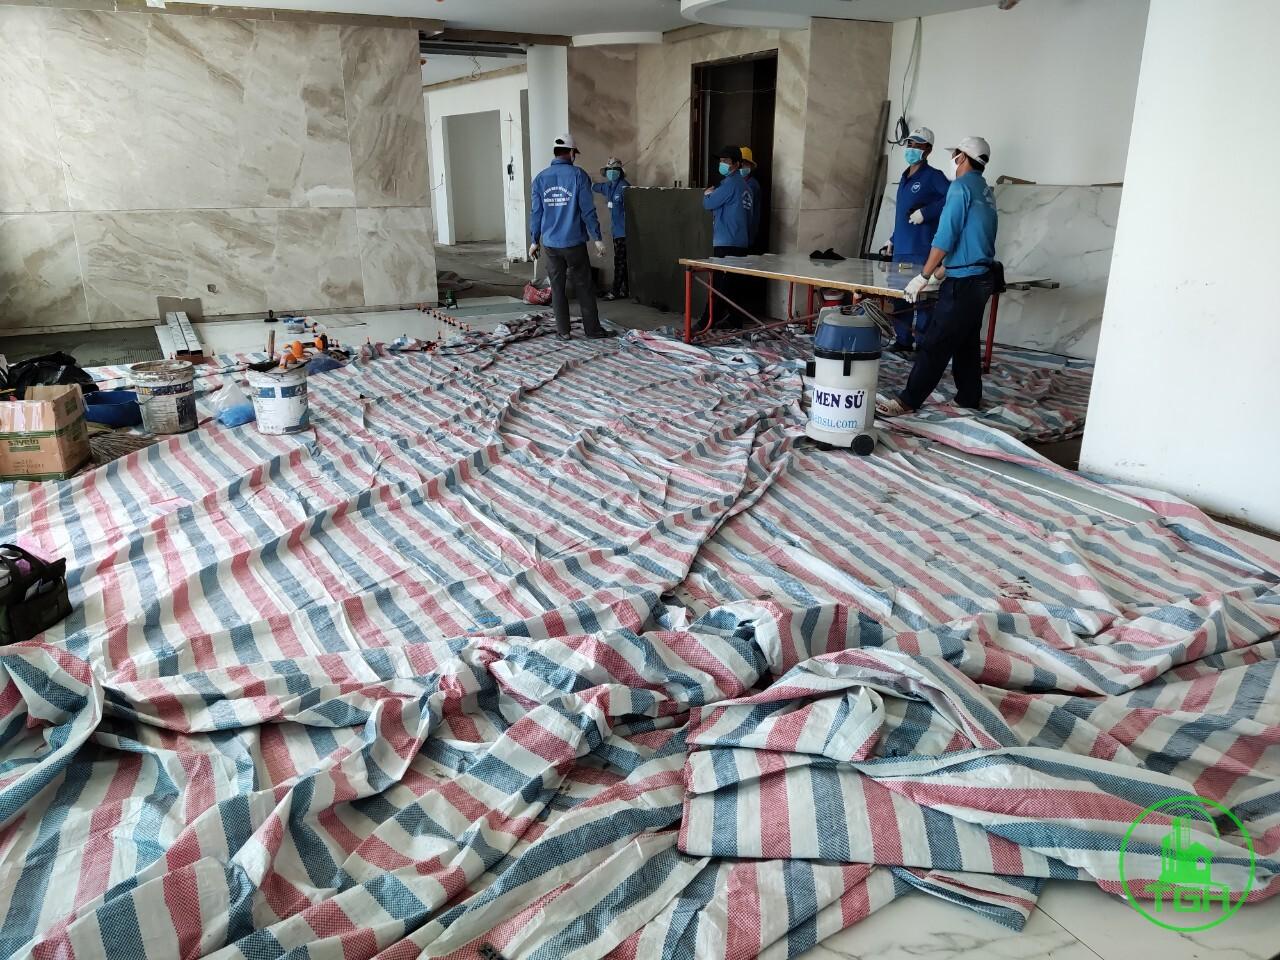 hiện trang khi sửa chữa chung cư